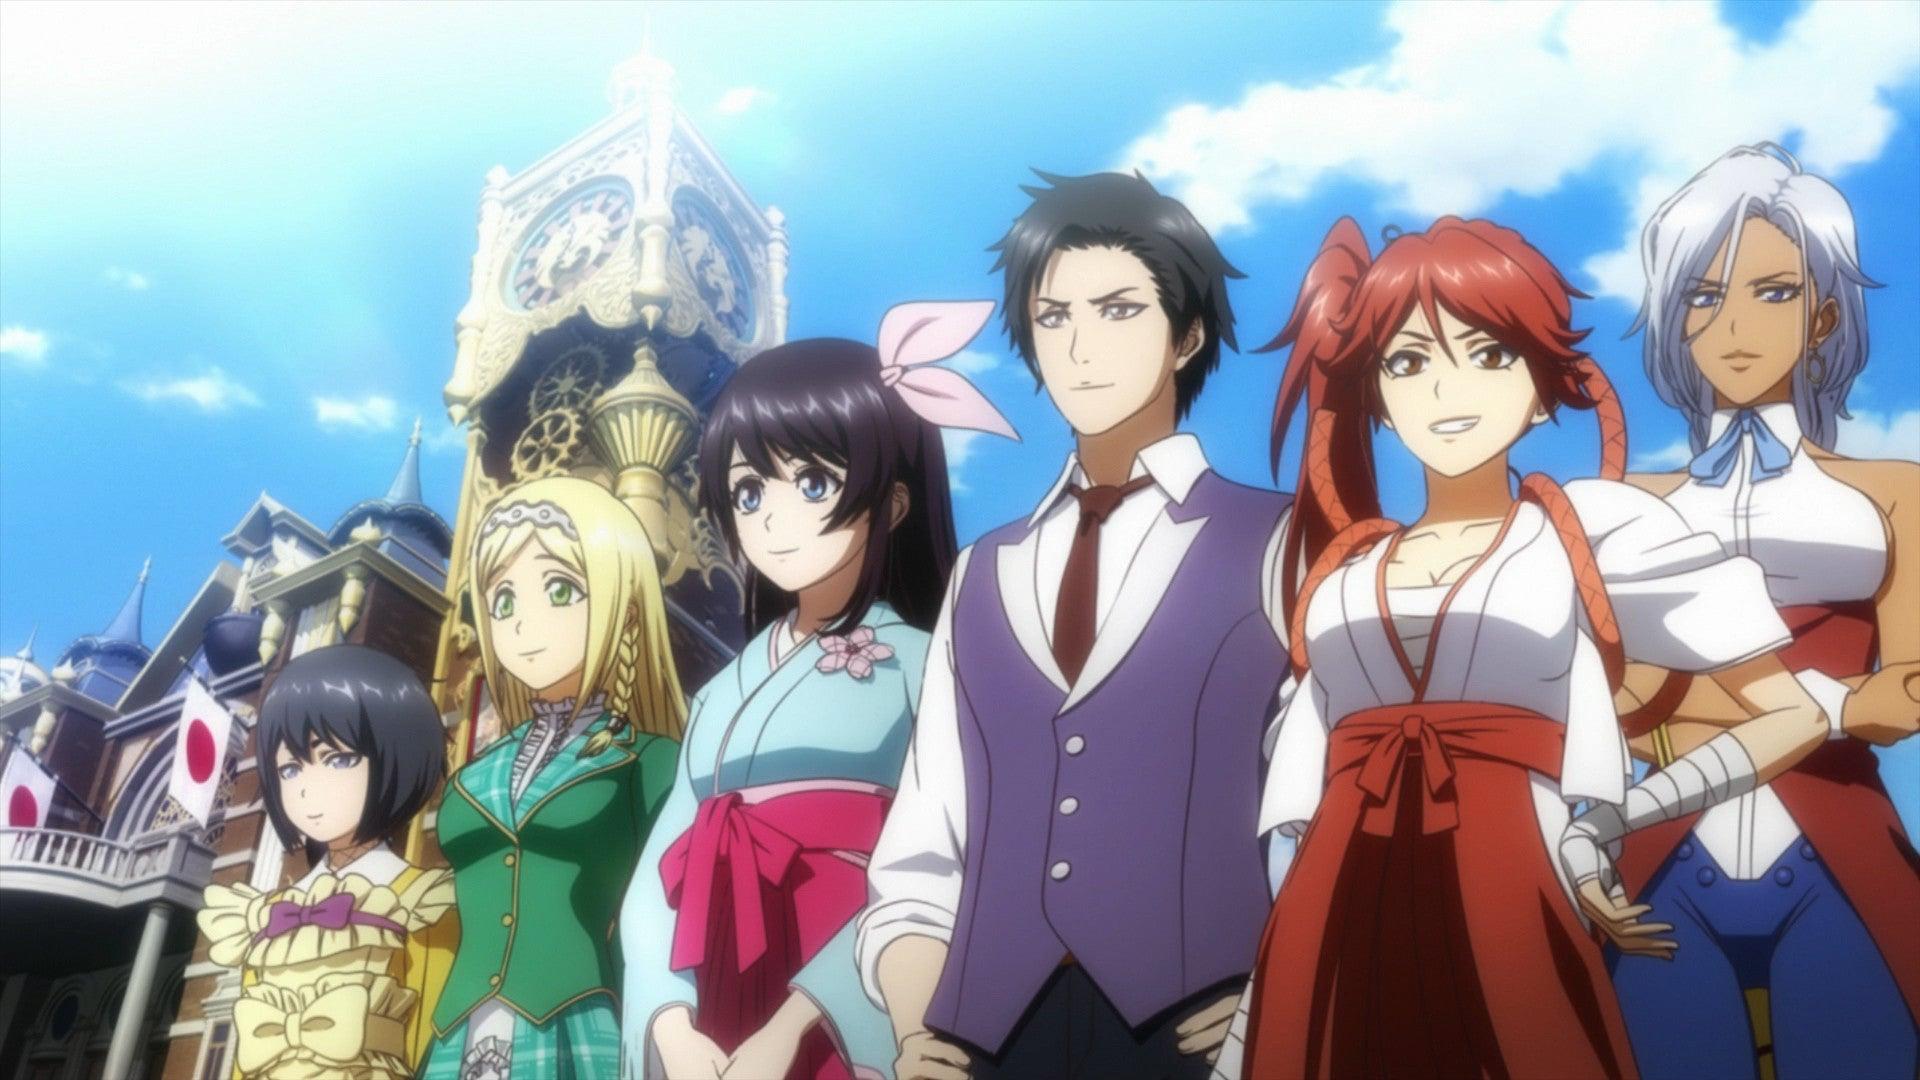 Sega's New Sakura Wars Game Comes To The West In April